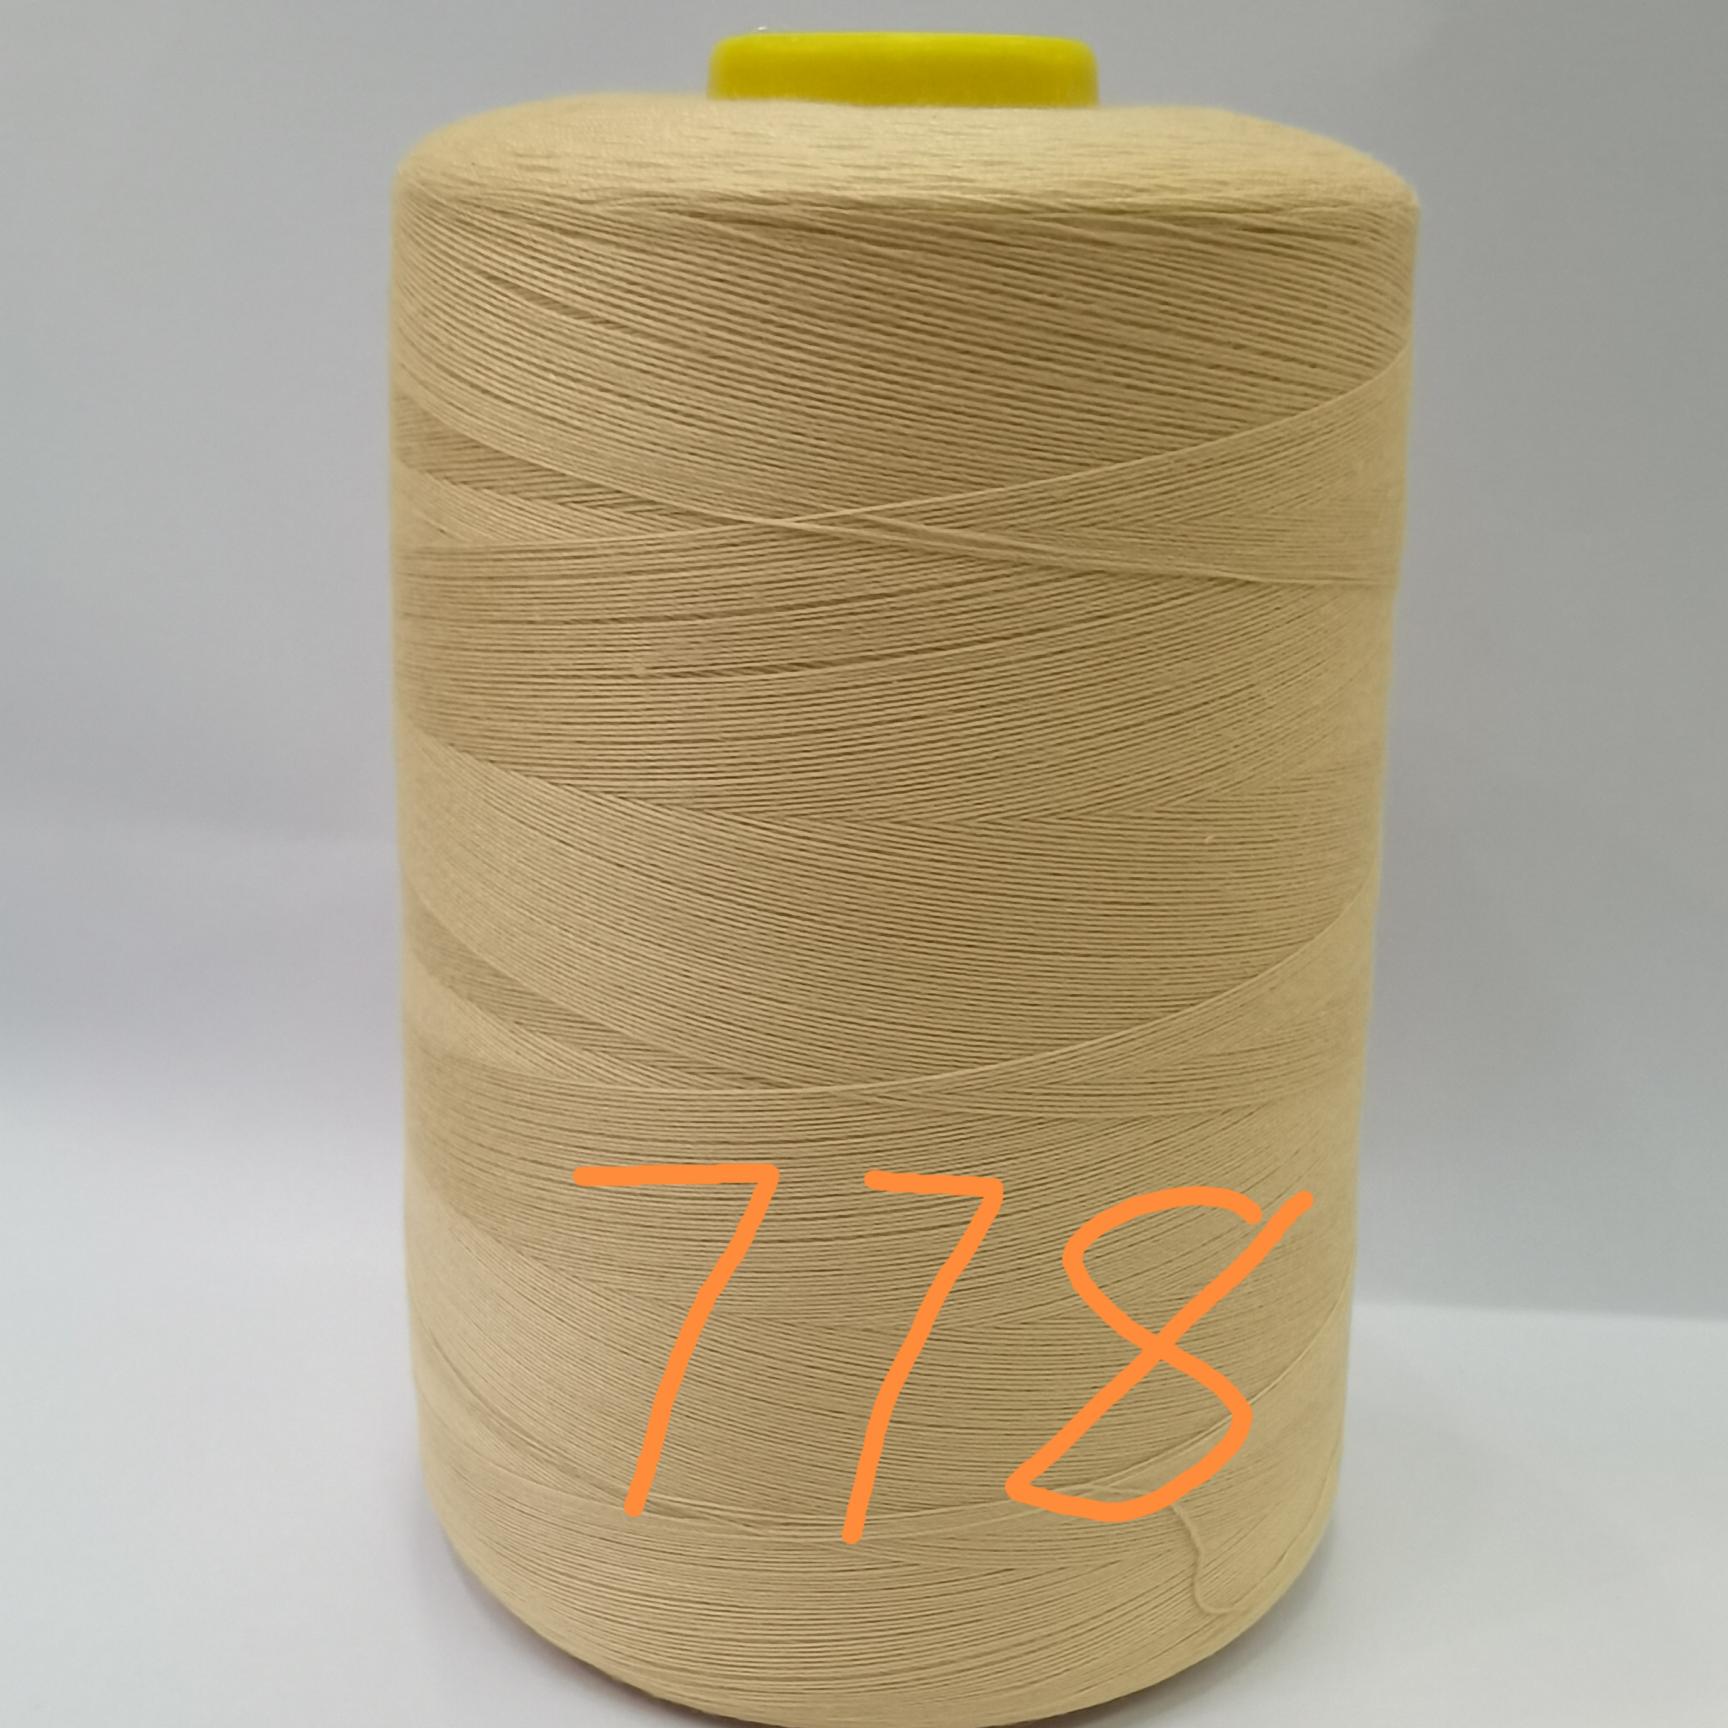 优质涤纶缝纫线     8000码宝塔线      专业40/2服装辅料平车线   厂家直销    778色号